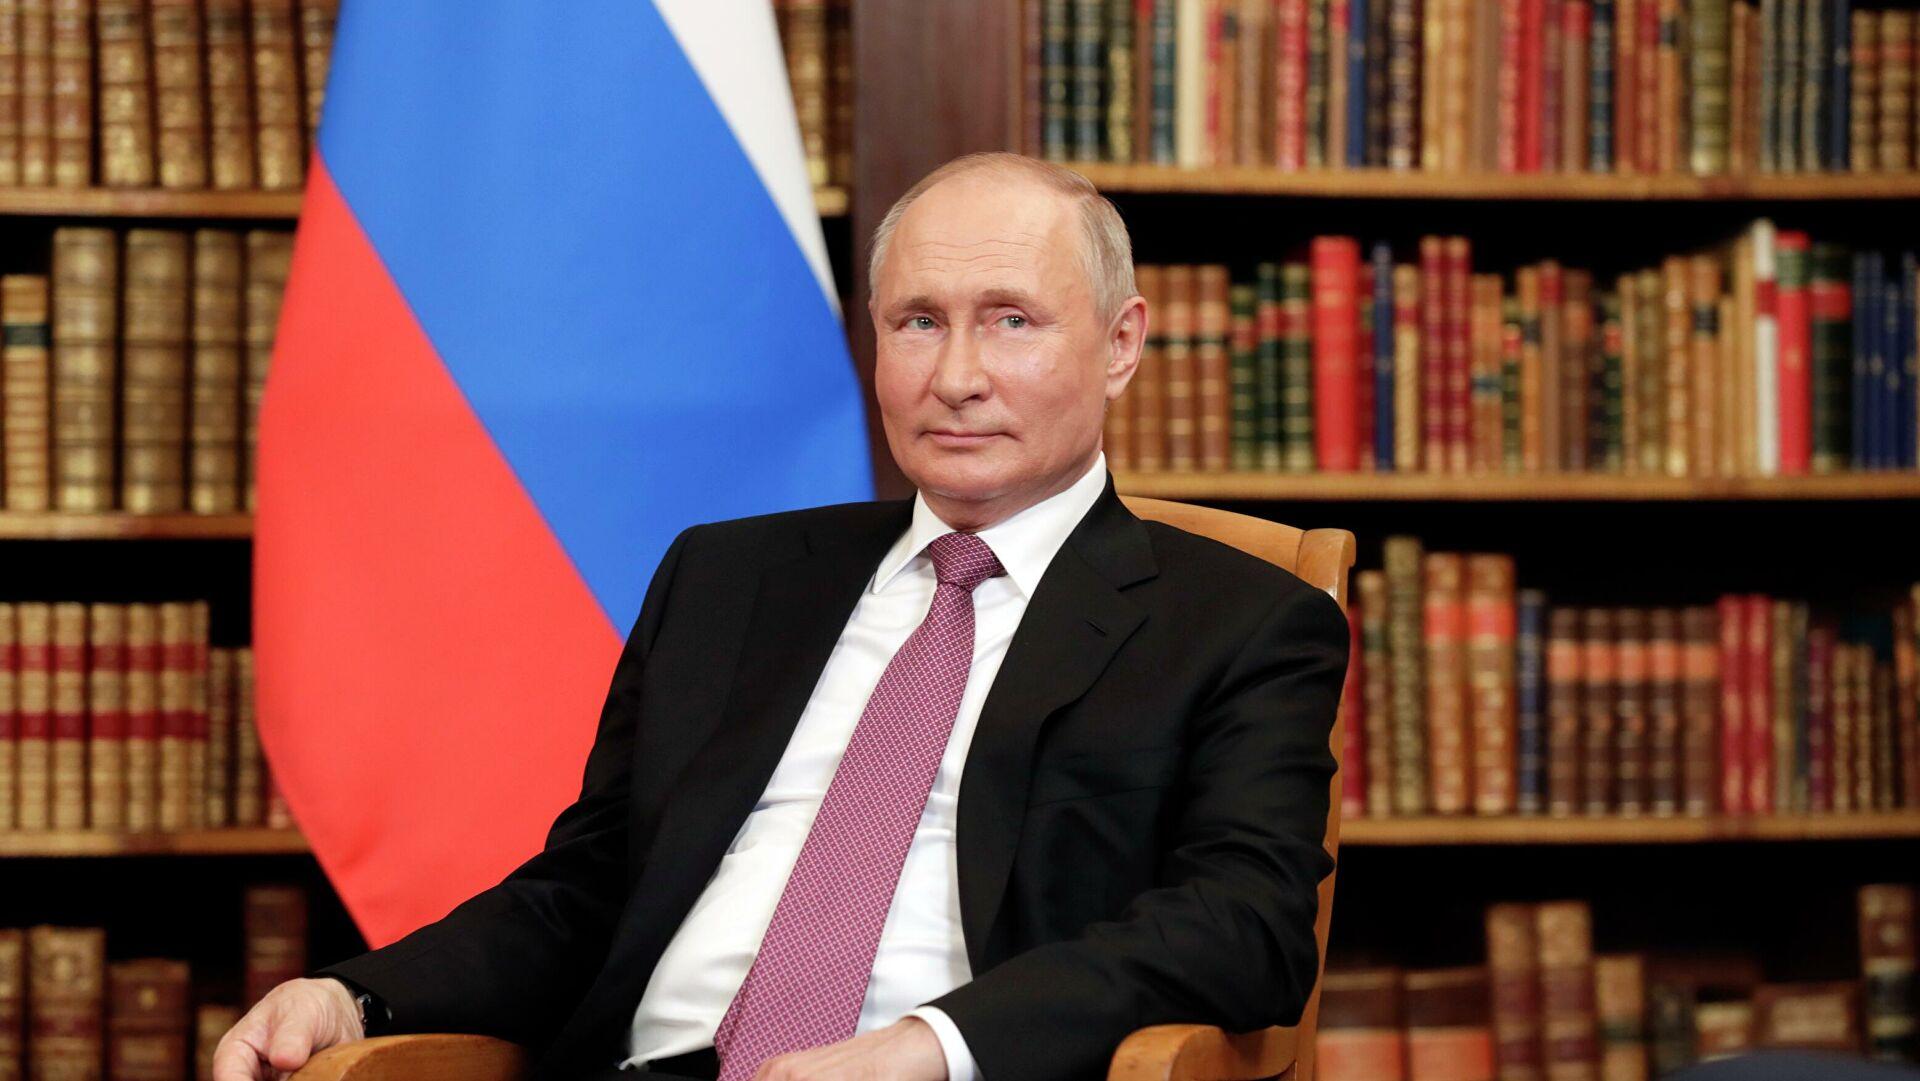 Путин: Ако САД после састанка уведу санкције, то ће бити још једна пропуштена прилика у односима